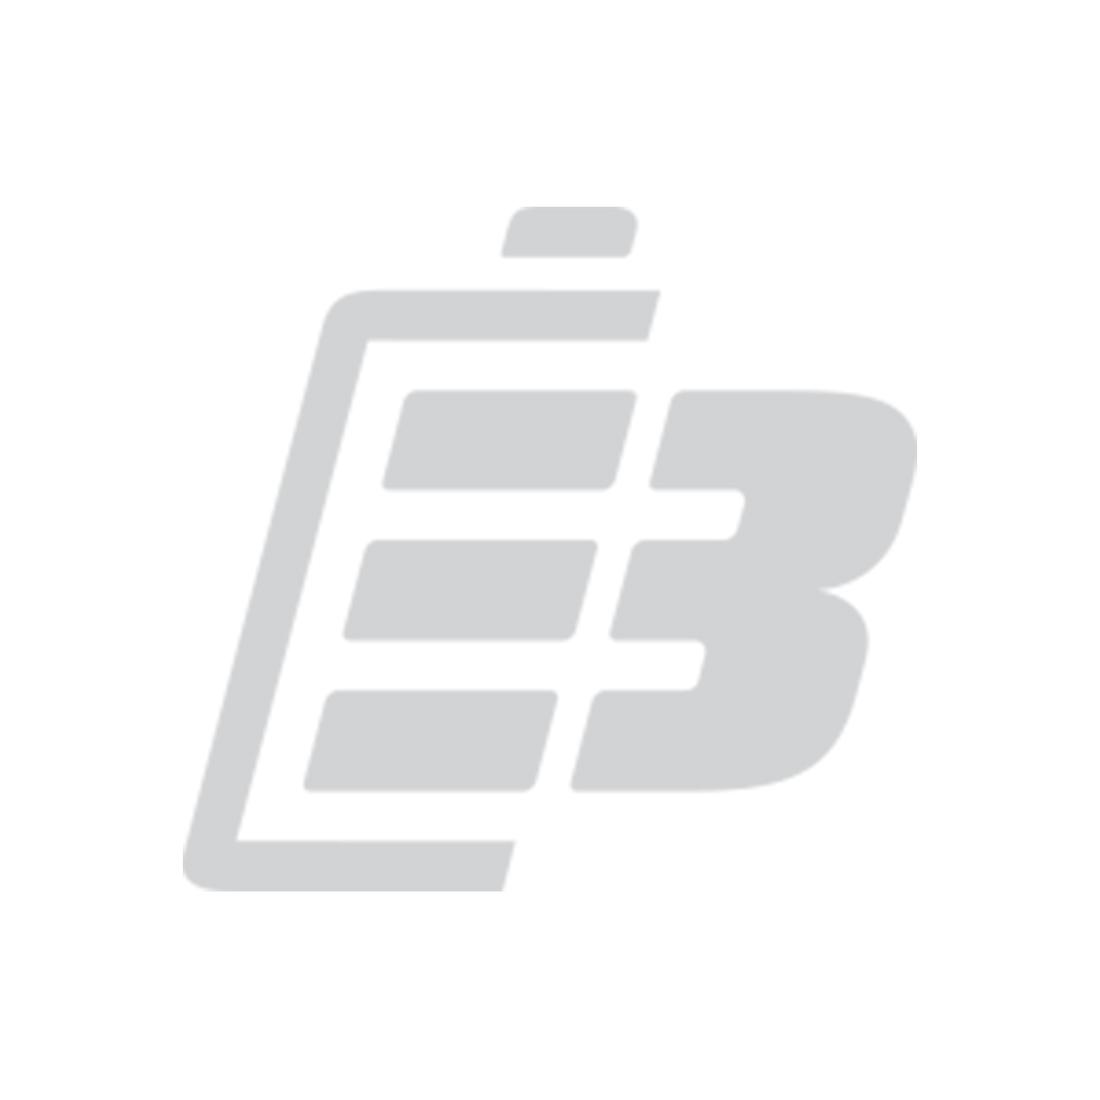 Barcode scanner battery Unitech HT630_1